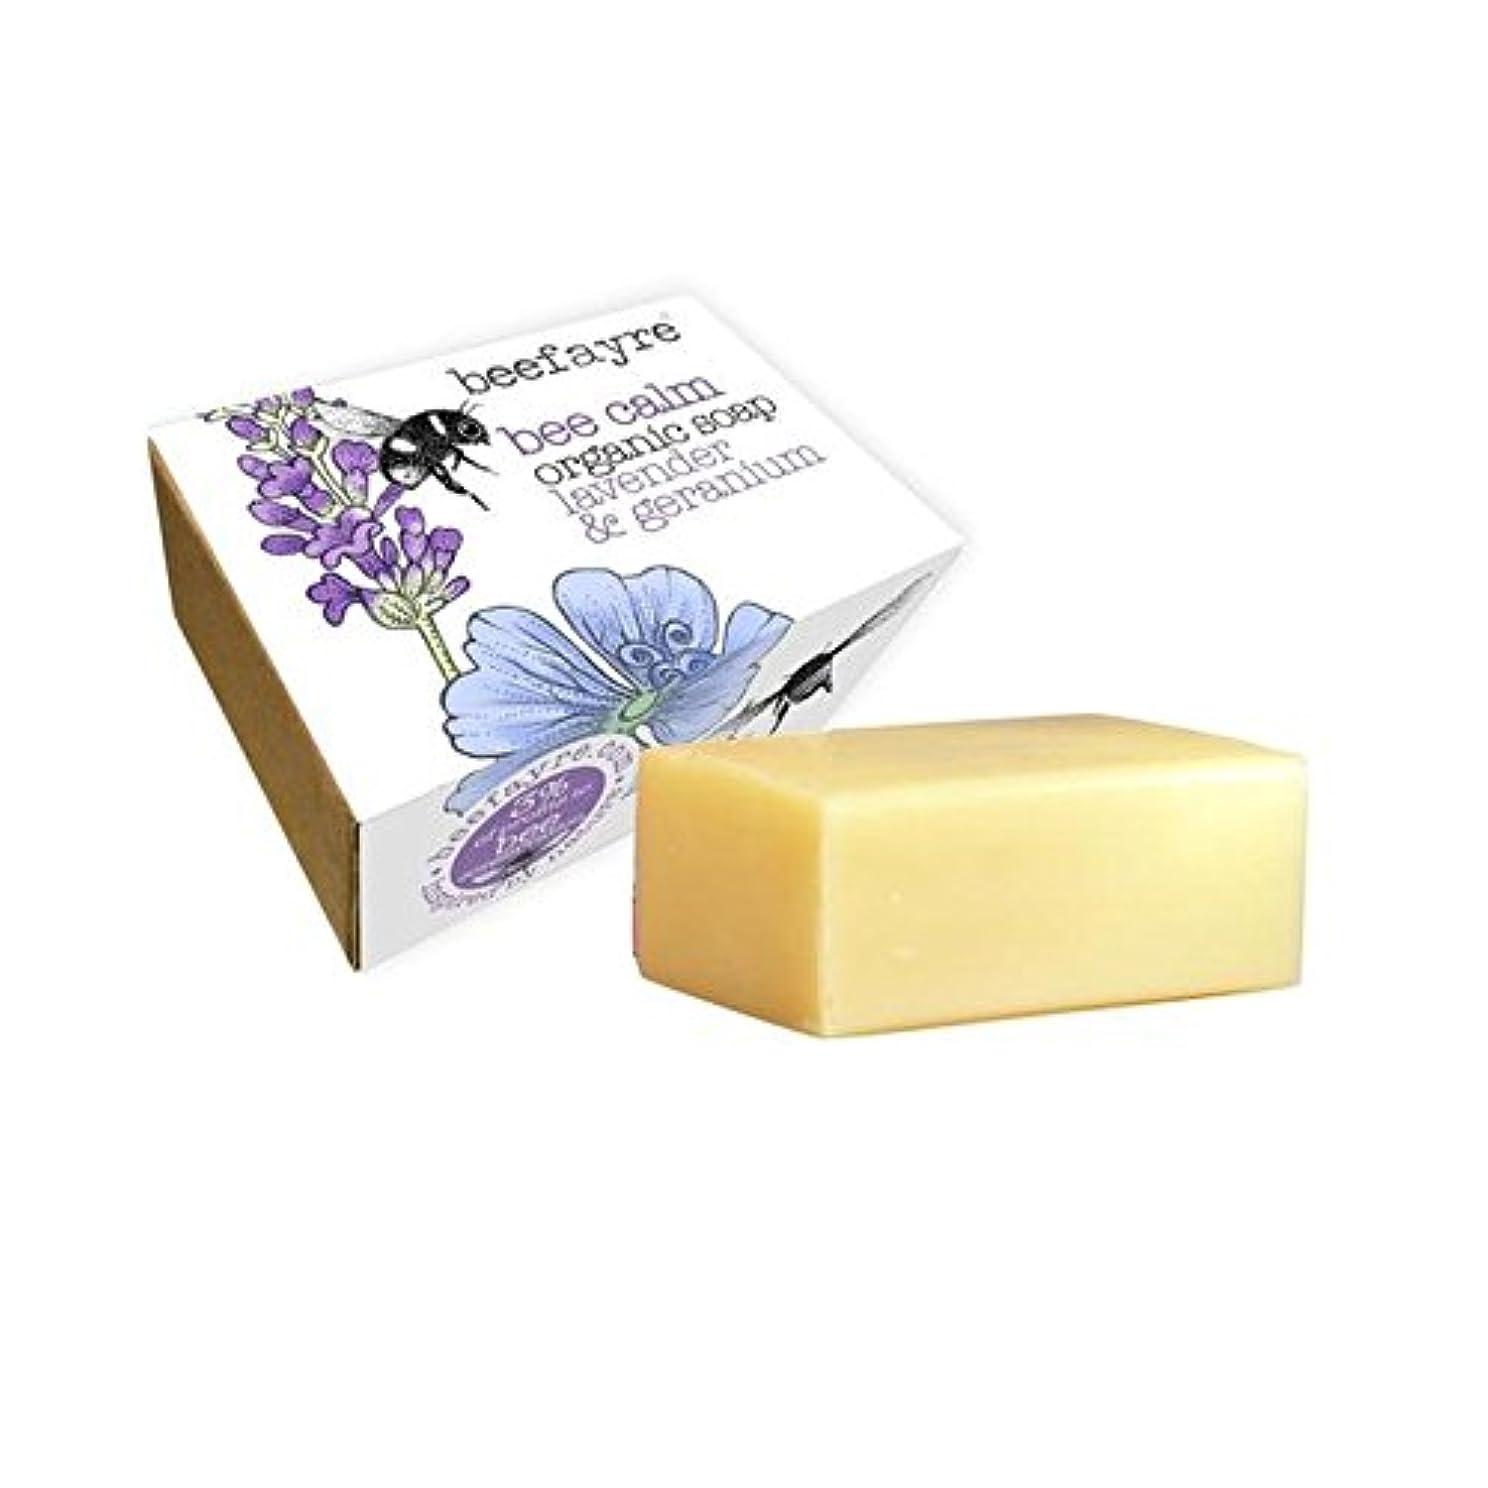 不純保険力強い有機ゼラニウム&ラベンダー石鹸 x2 - Beefayre Organic Geranium & Lavender Soap (Pack of 2) [並行輸入品]